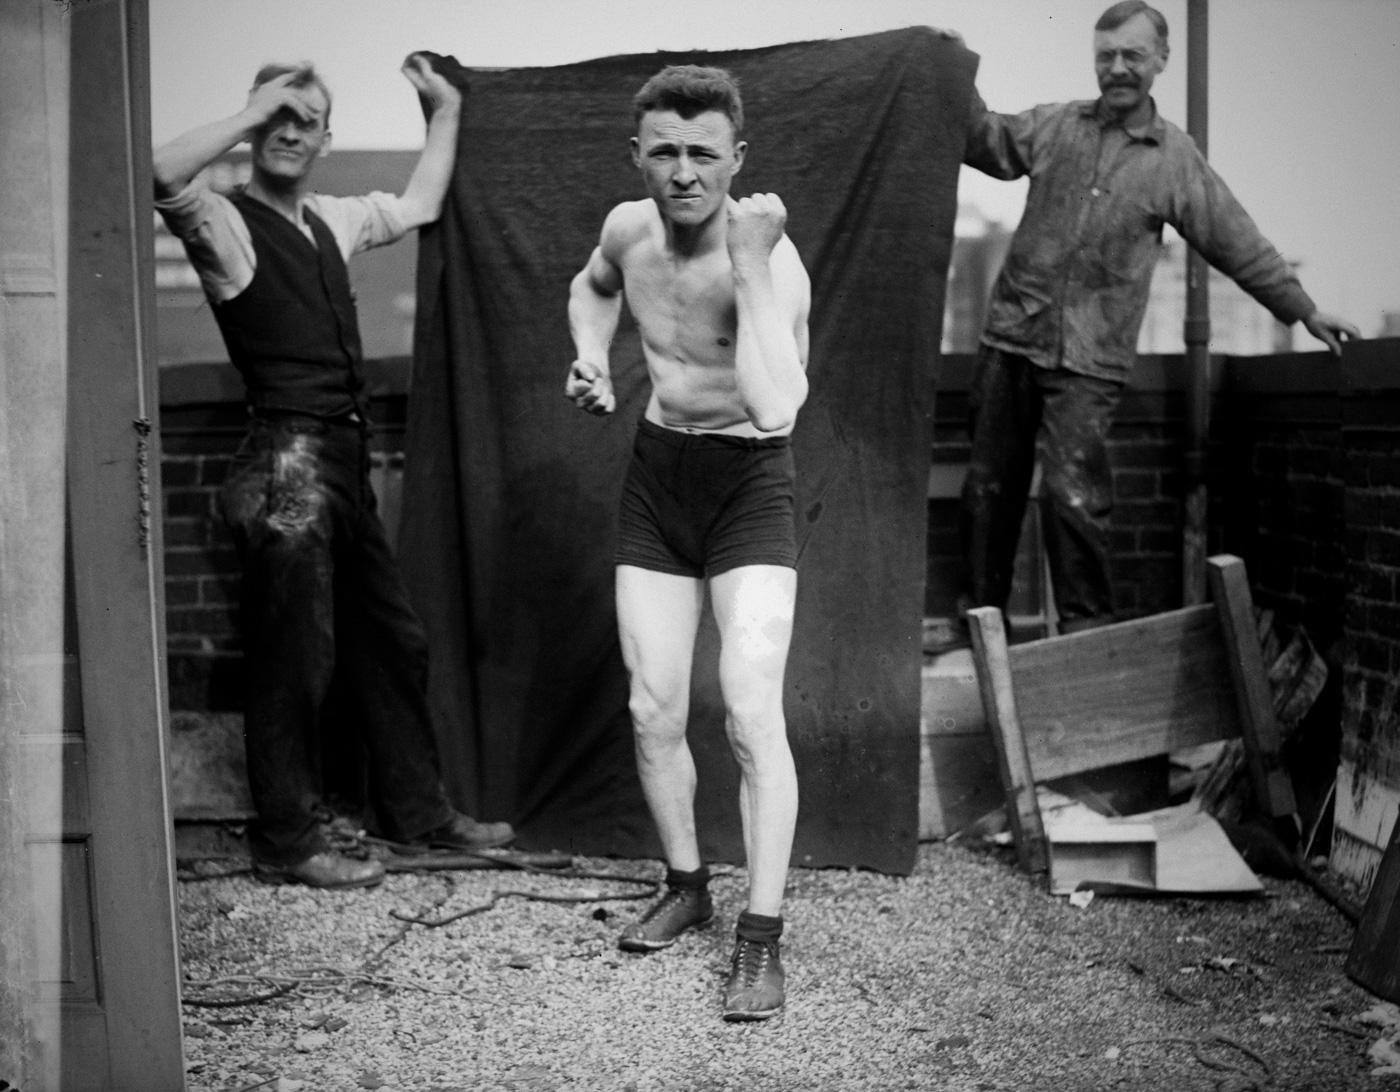 Боксер Джонни Рэй позирует для газеты, США, 1920 год